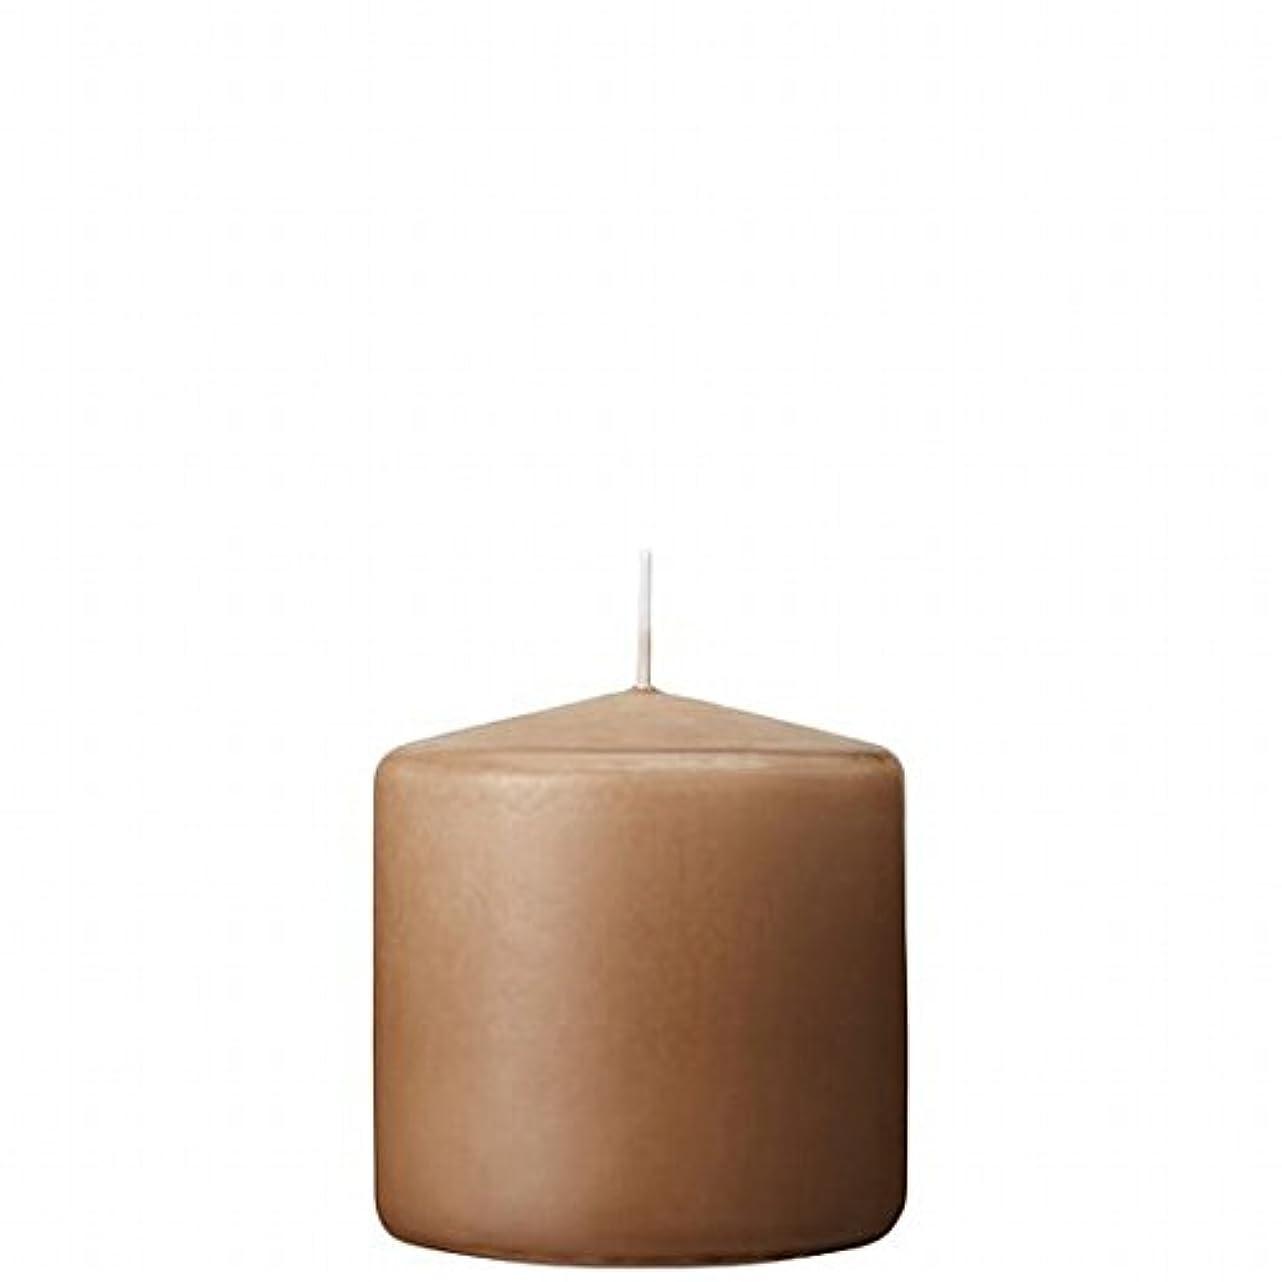 ストレス個人的な事カメヤマキャンドル( kameyama candle ) 3×3ベルトップピラーキャンドル 「 モカ 」